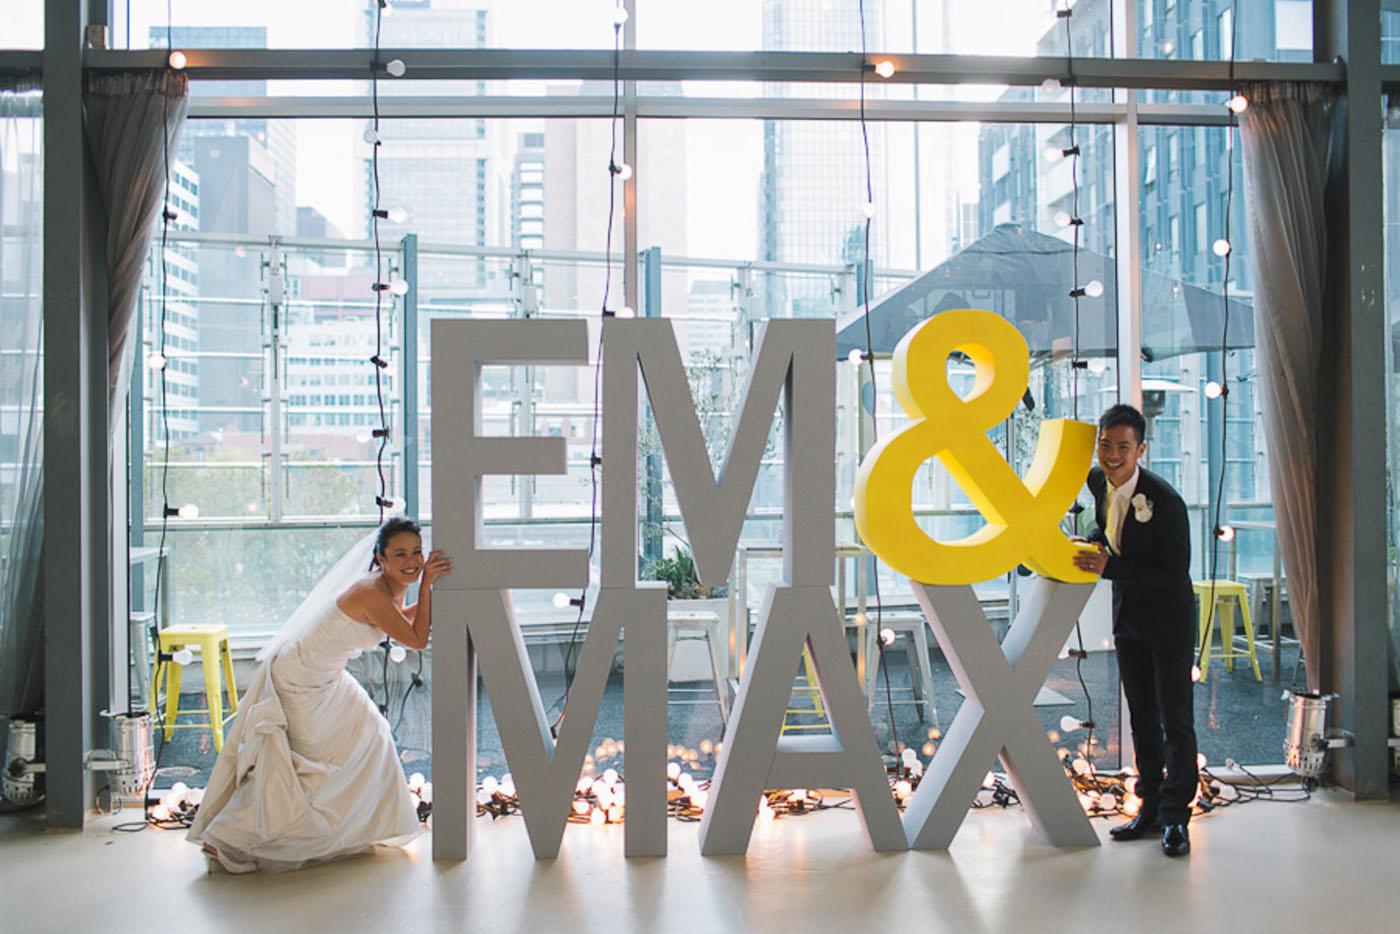 Em + Max - WEDDING VENUE: ALTO Event Space